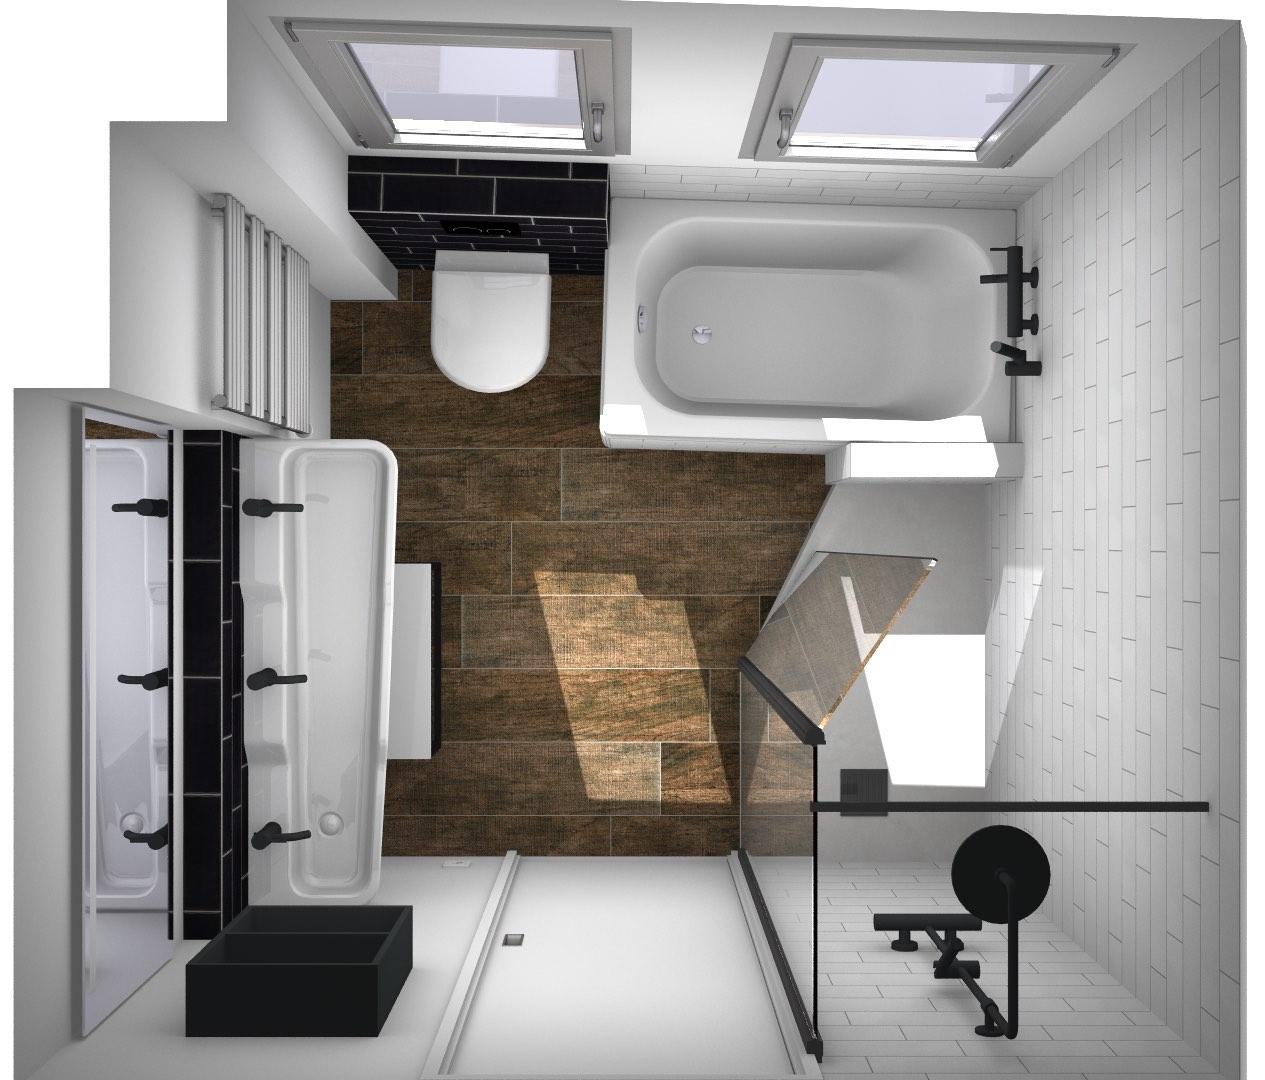 vue de dessus d'une petite salle de bains avec carrelage sol façon bois